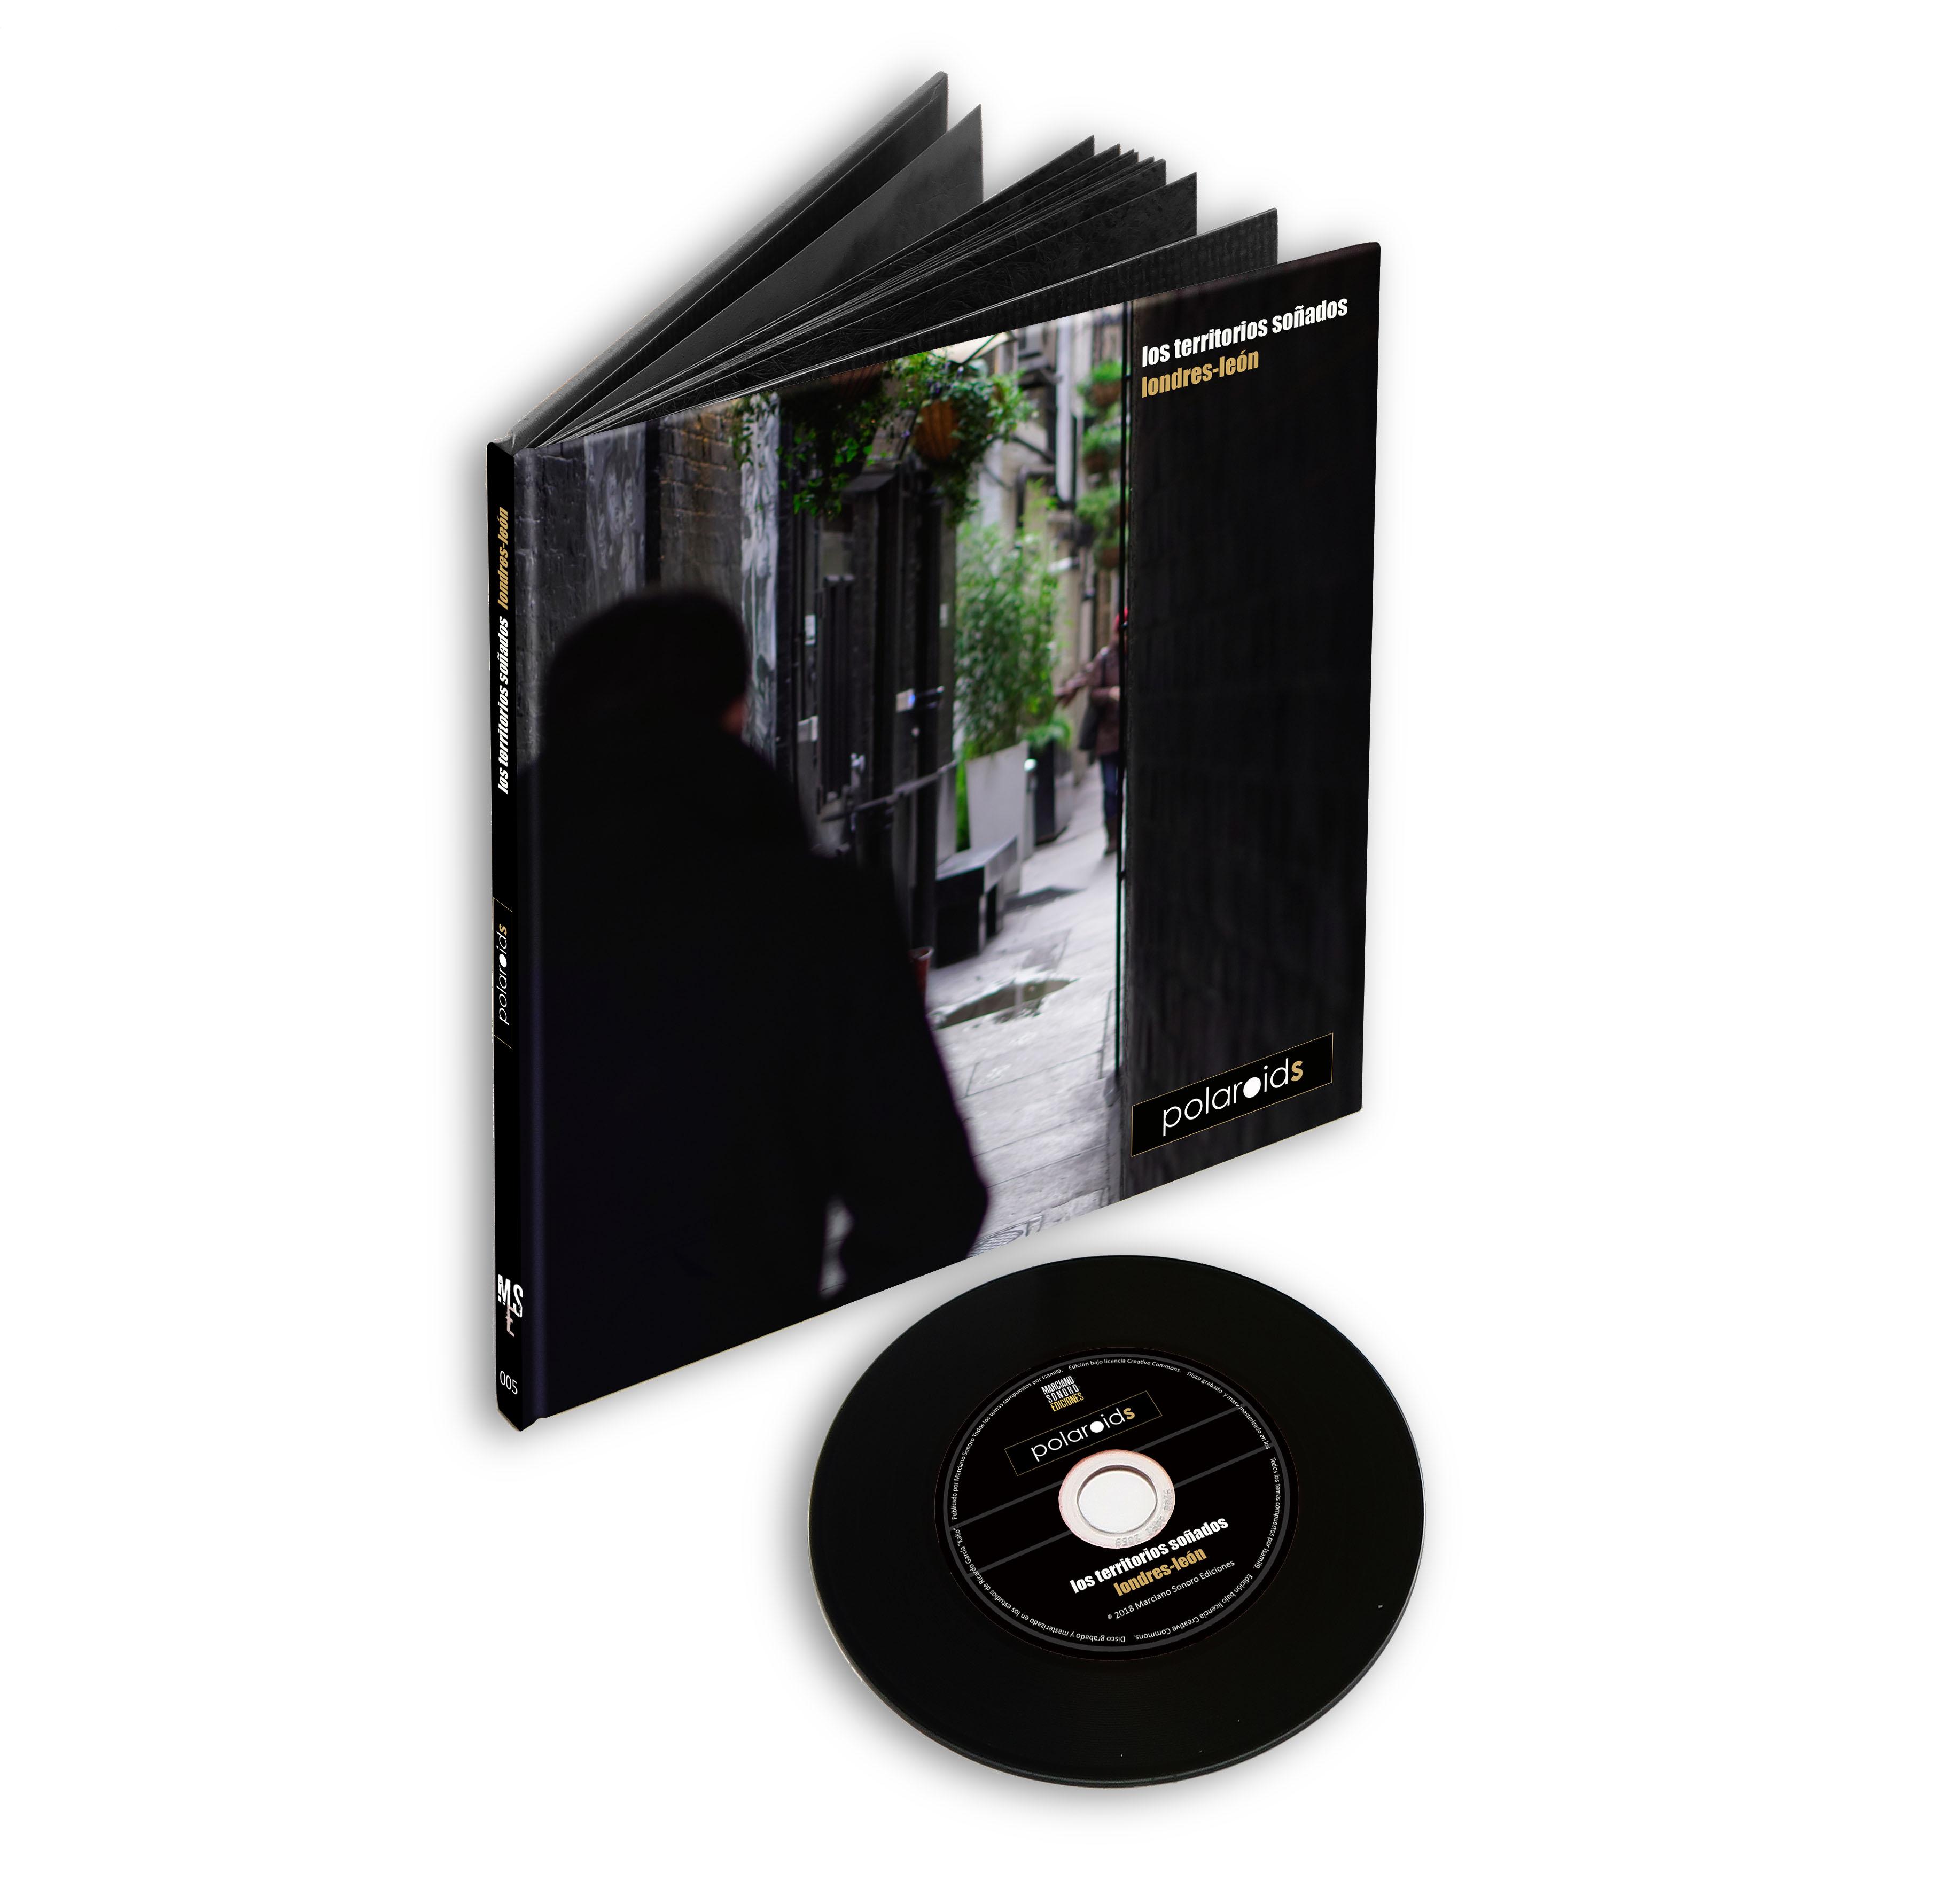 Polaroids. LIBRODISCO